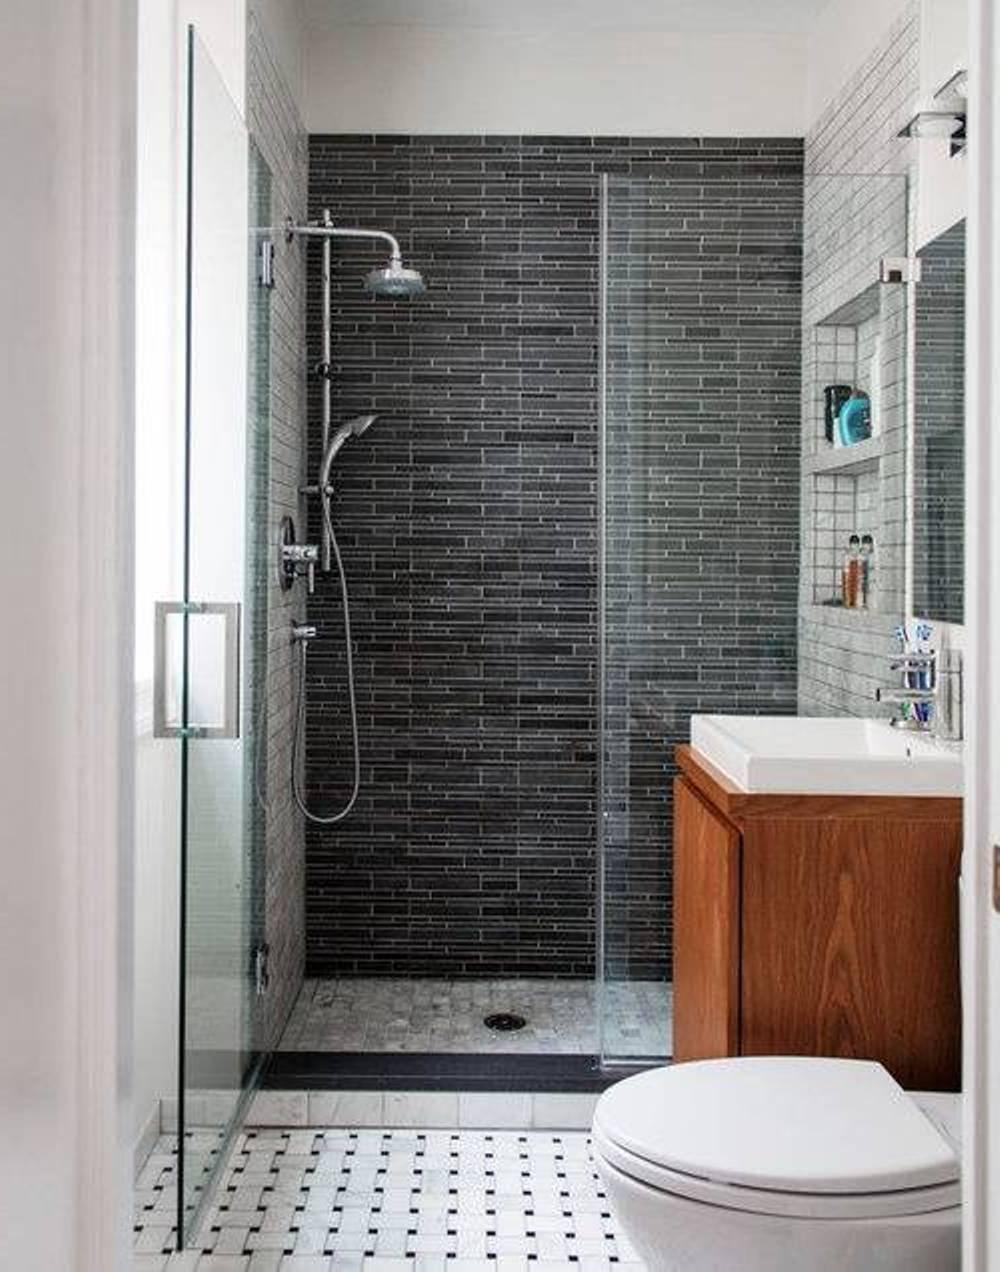 Stylish Small Bathroom Design Ideas for a Space-Efficient ... on Simple Bathroom Designs For Small Spaces  id=19830